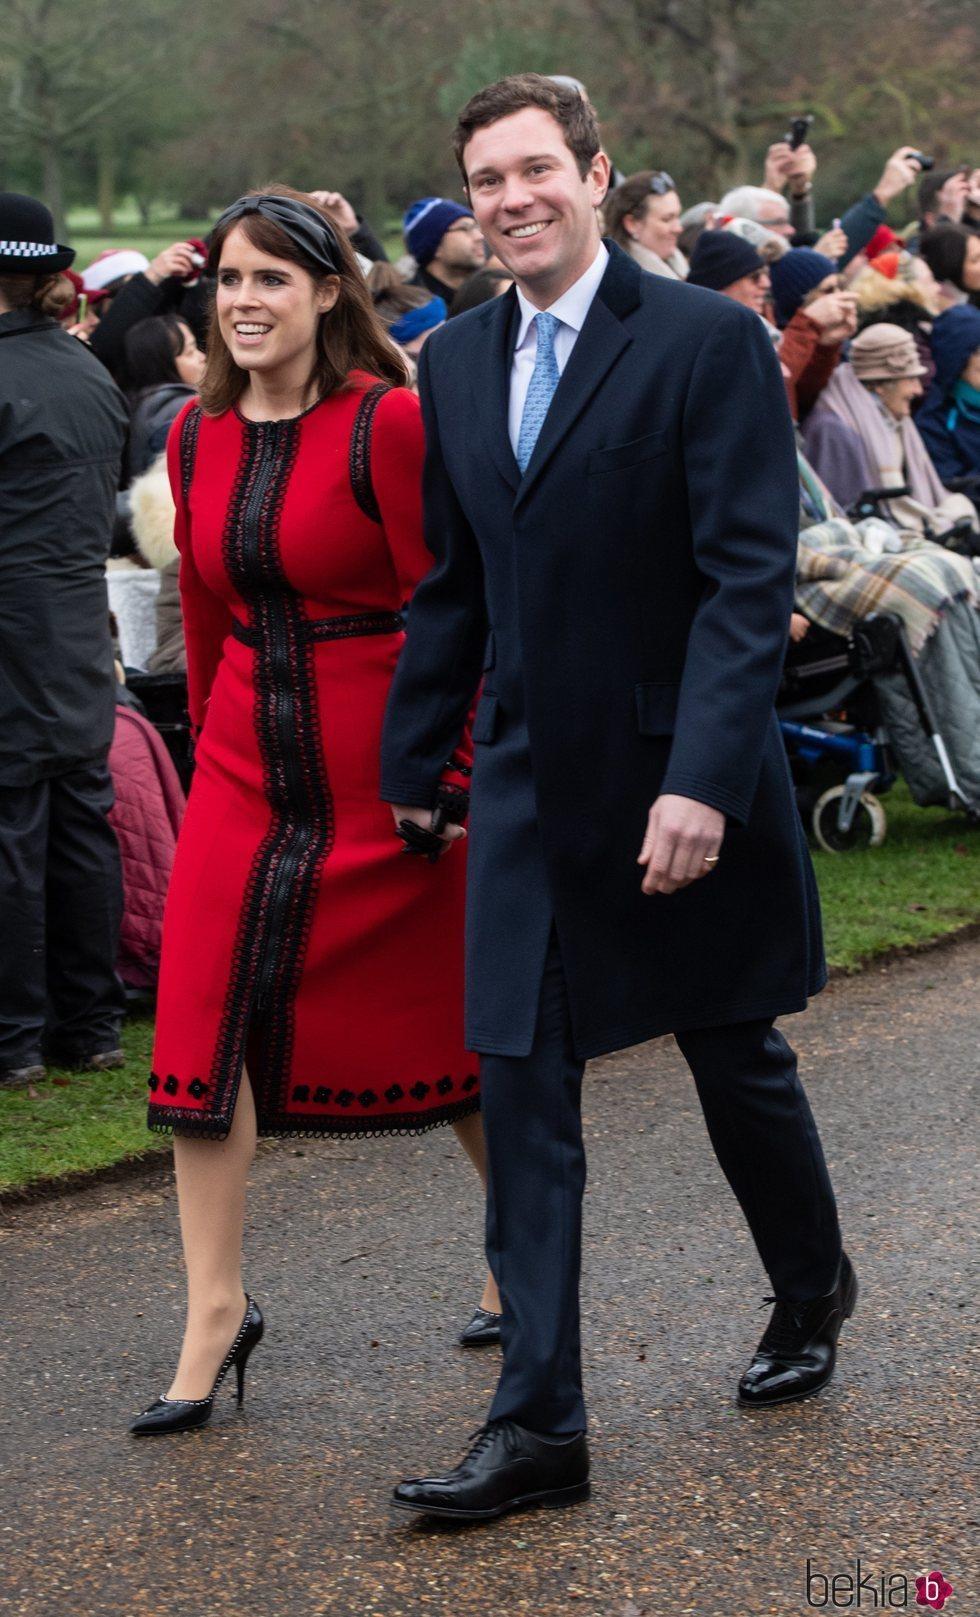 La princesa Eugenia de York y Jack Brooksbank llegando a la Misa de Navidad 2018